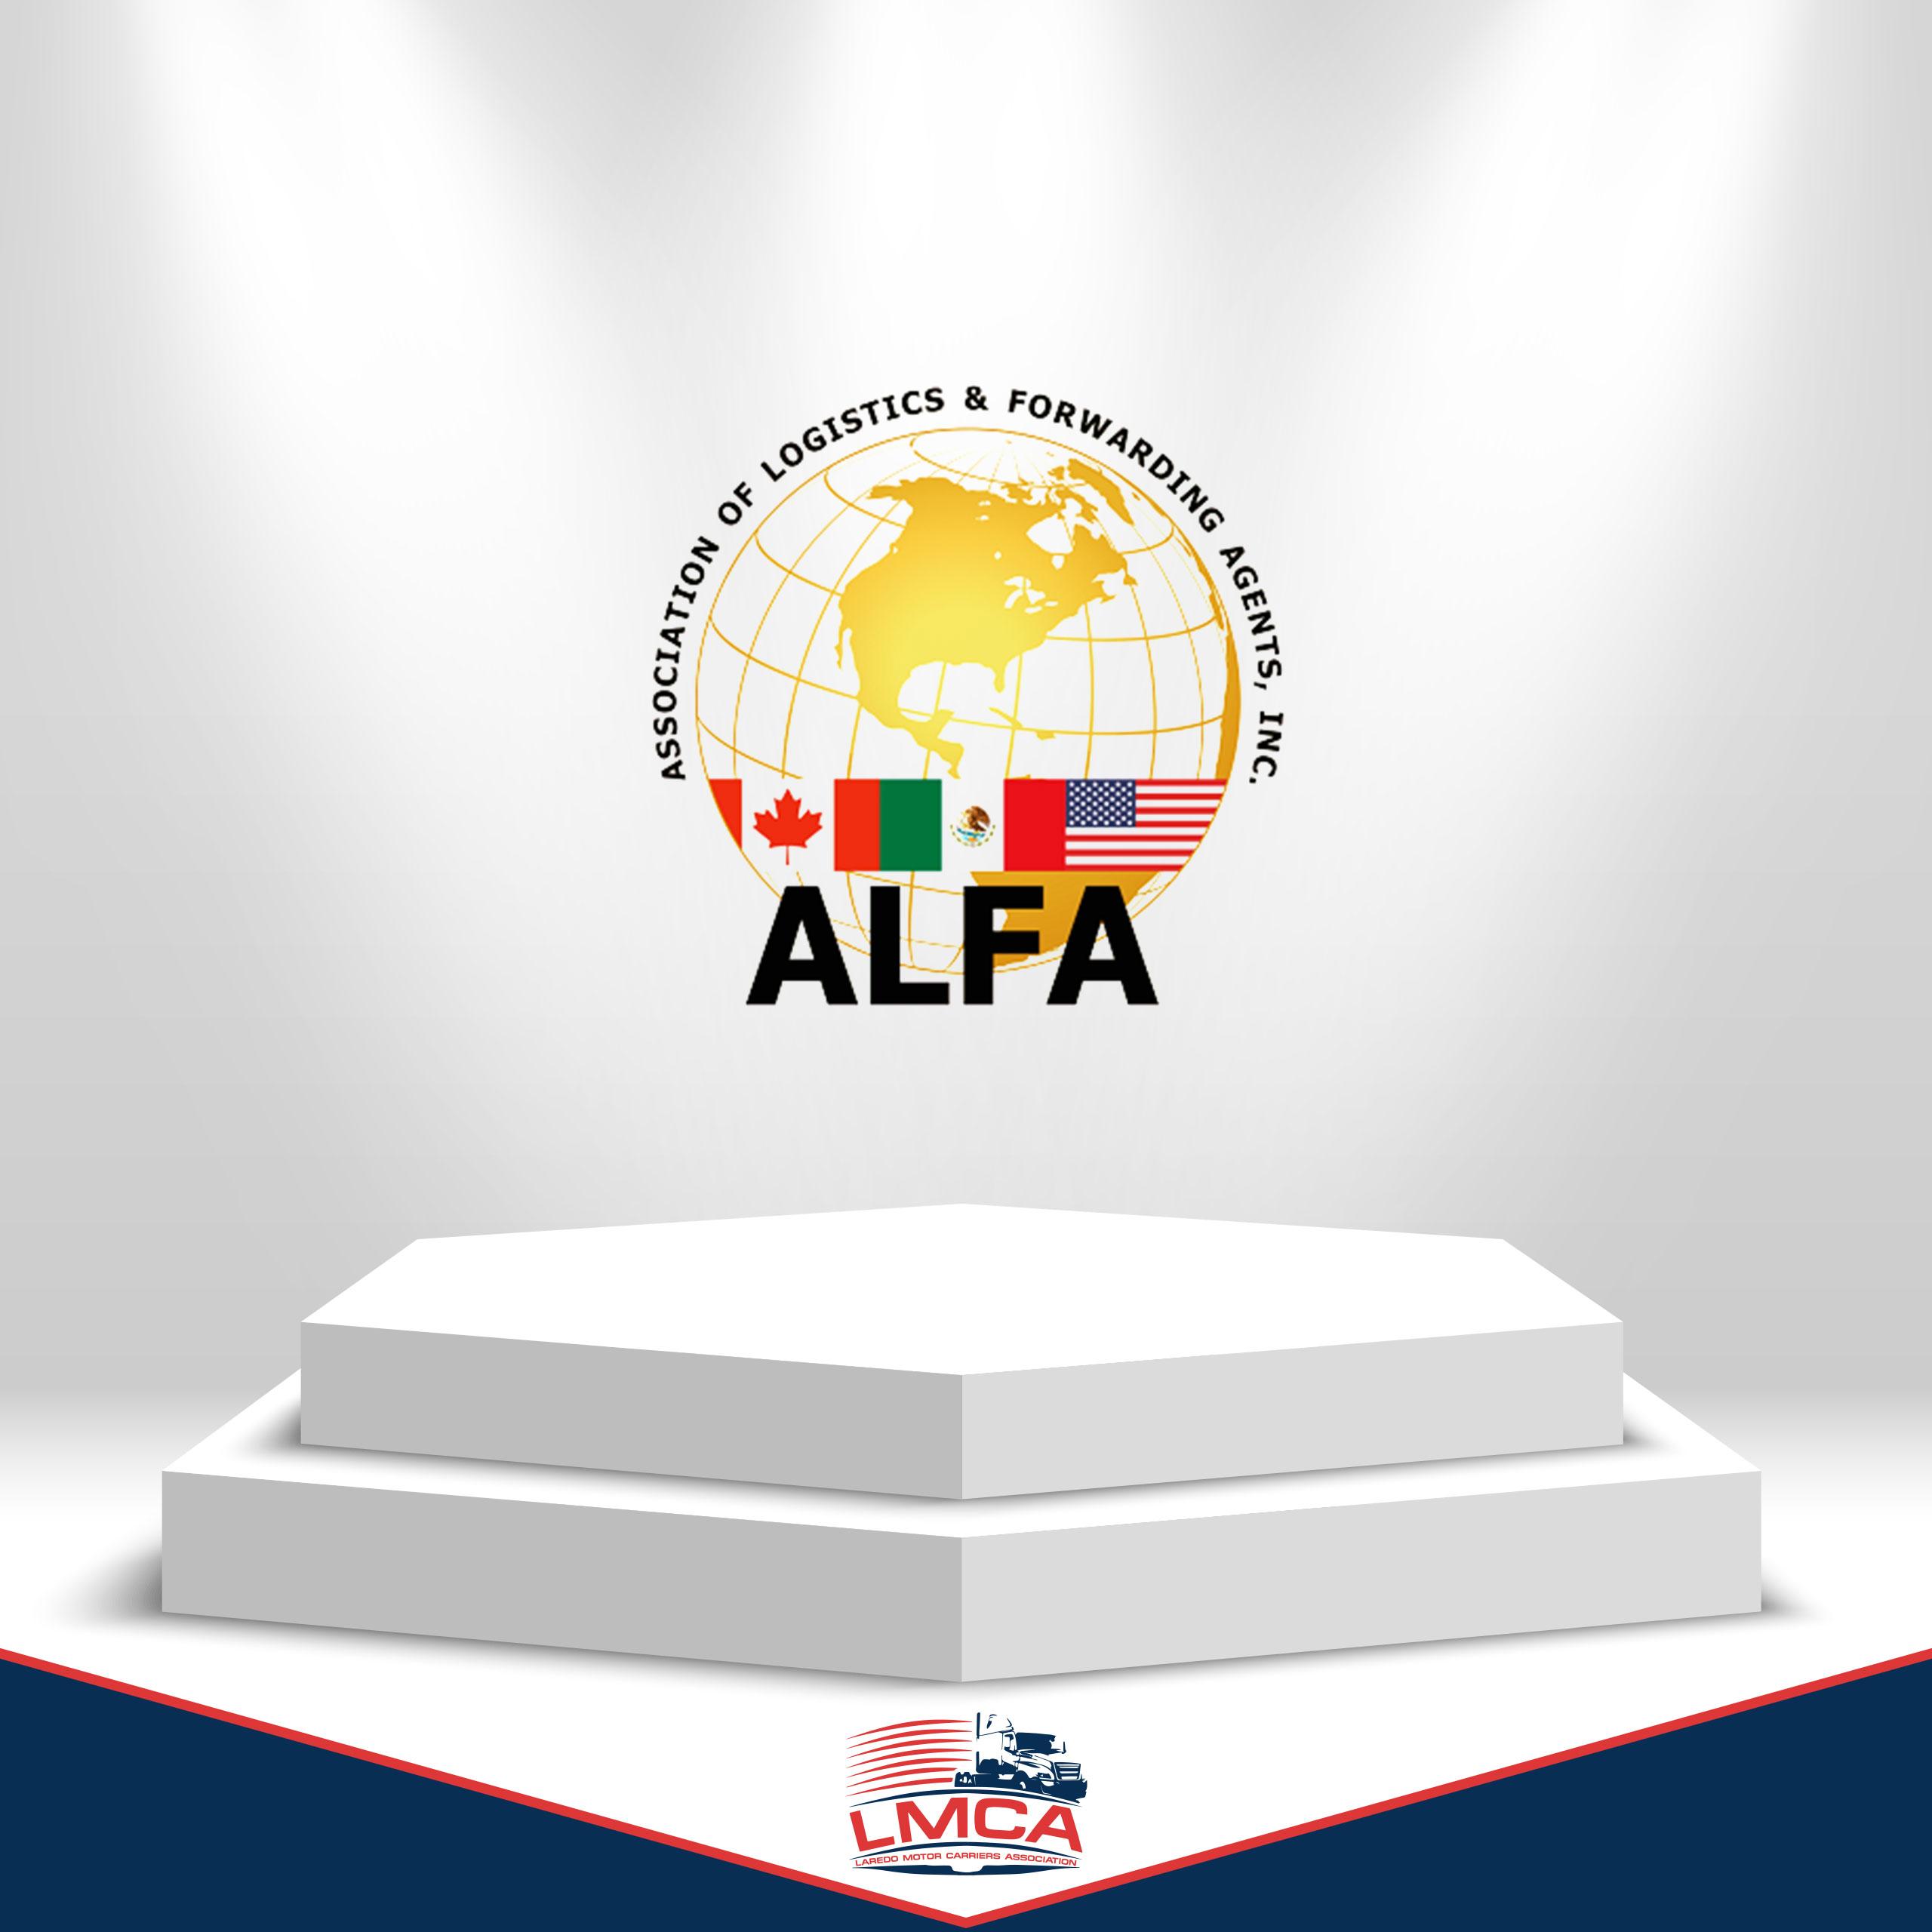 alfa-lmca